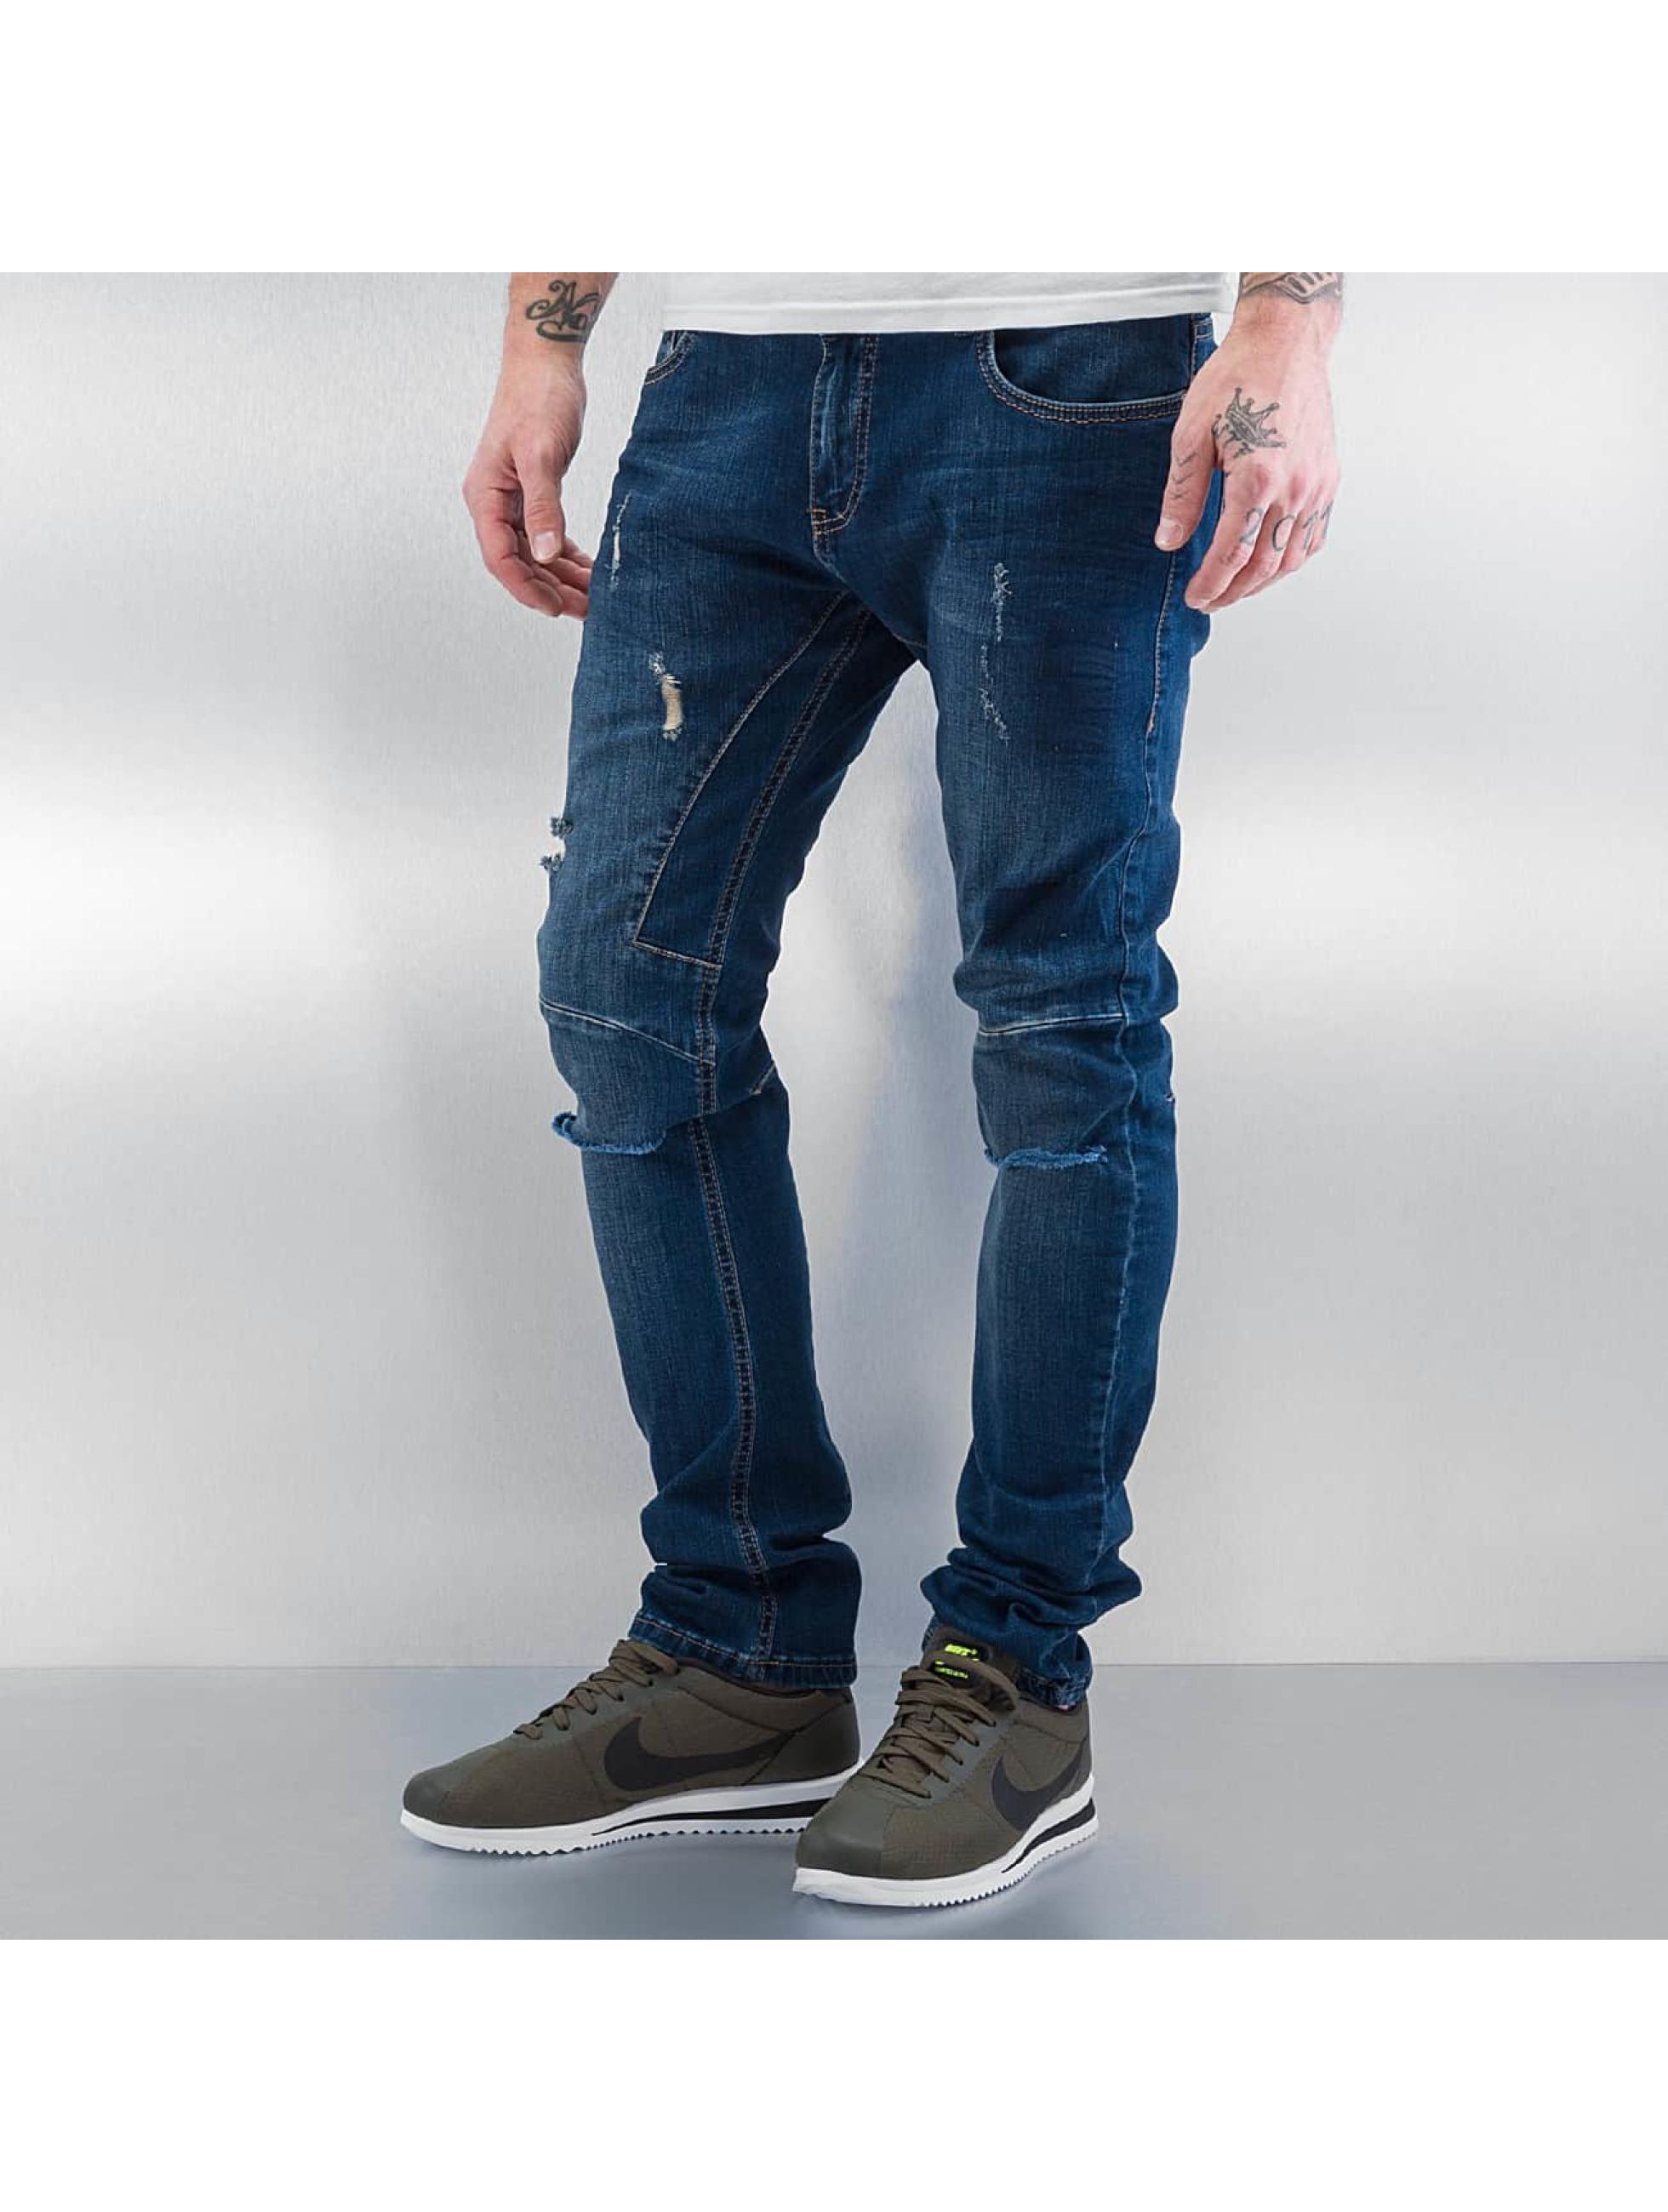 2Y Облегающие джинсы Brest синий